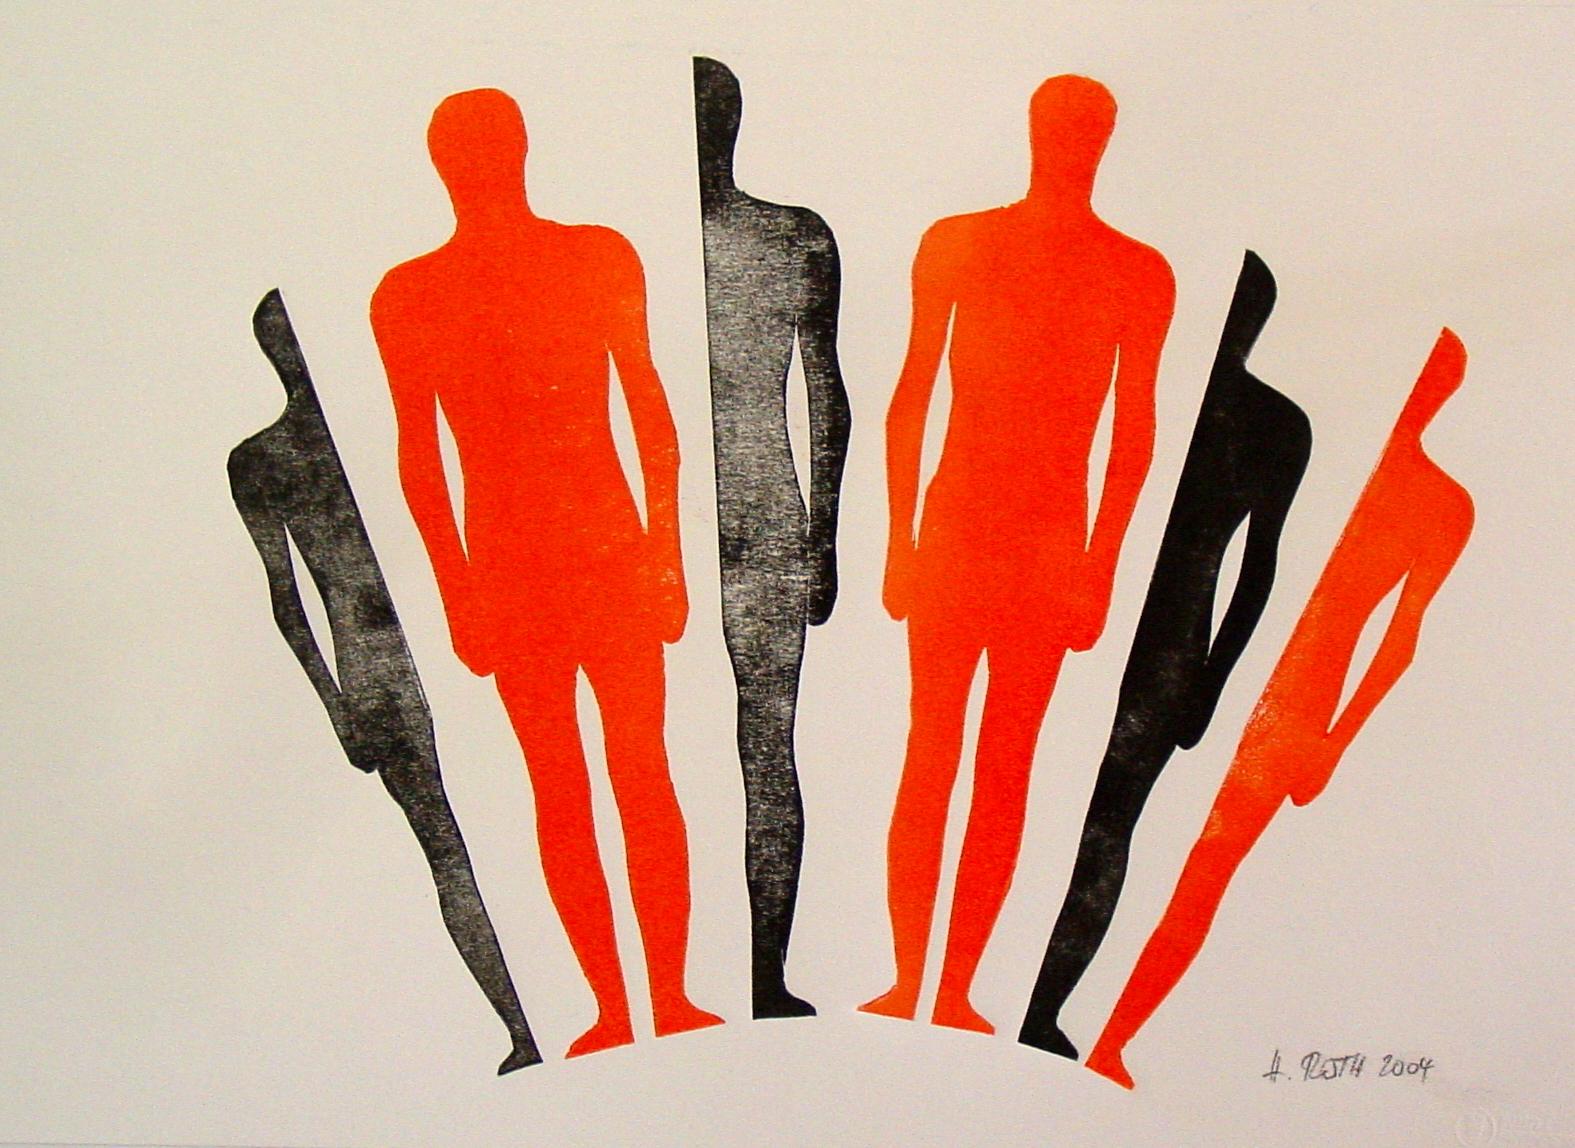 Hombres-en-grupo